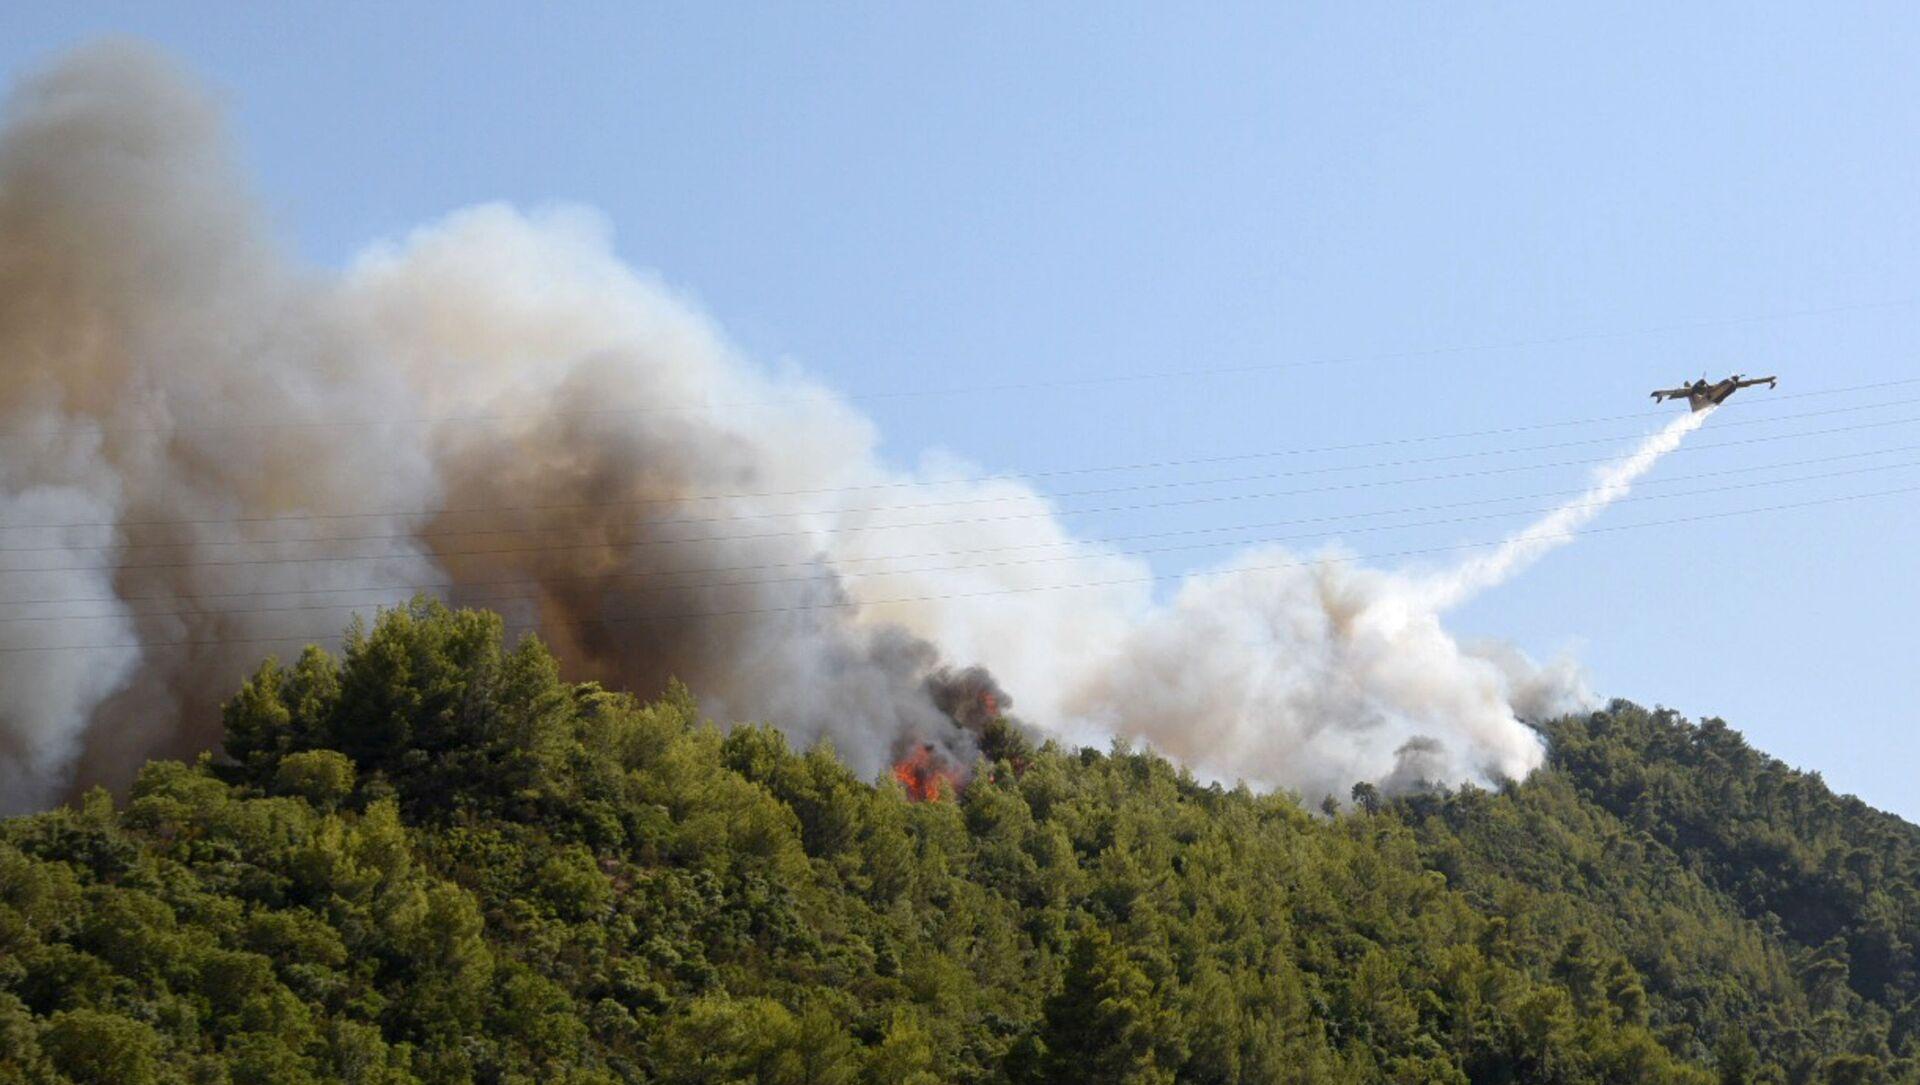 Yunanistan'da çıkan orman yangını nedeniyle yaralanan 5 kişi hastaneye kaldırılırken, birkaç evde hasar meydana geldi. - Sputnik Türkiye, 1920, 02.08.2021